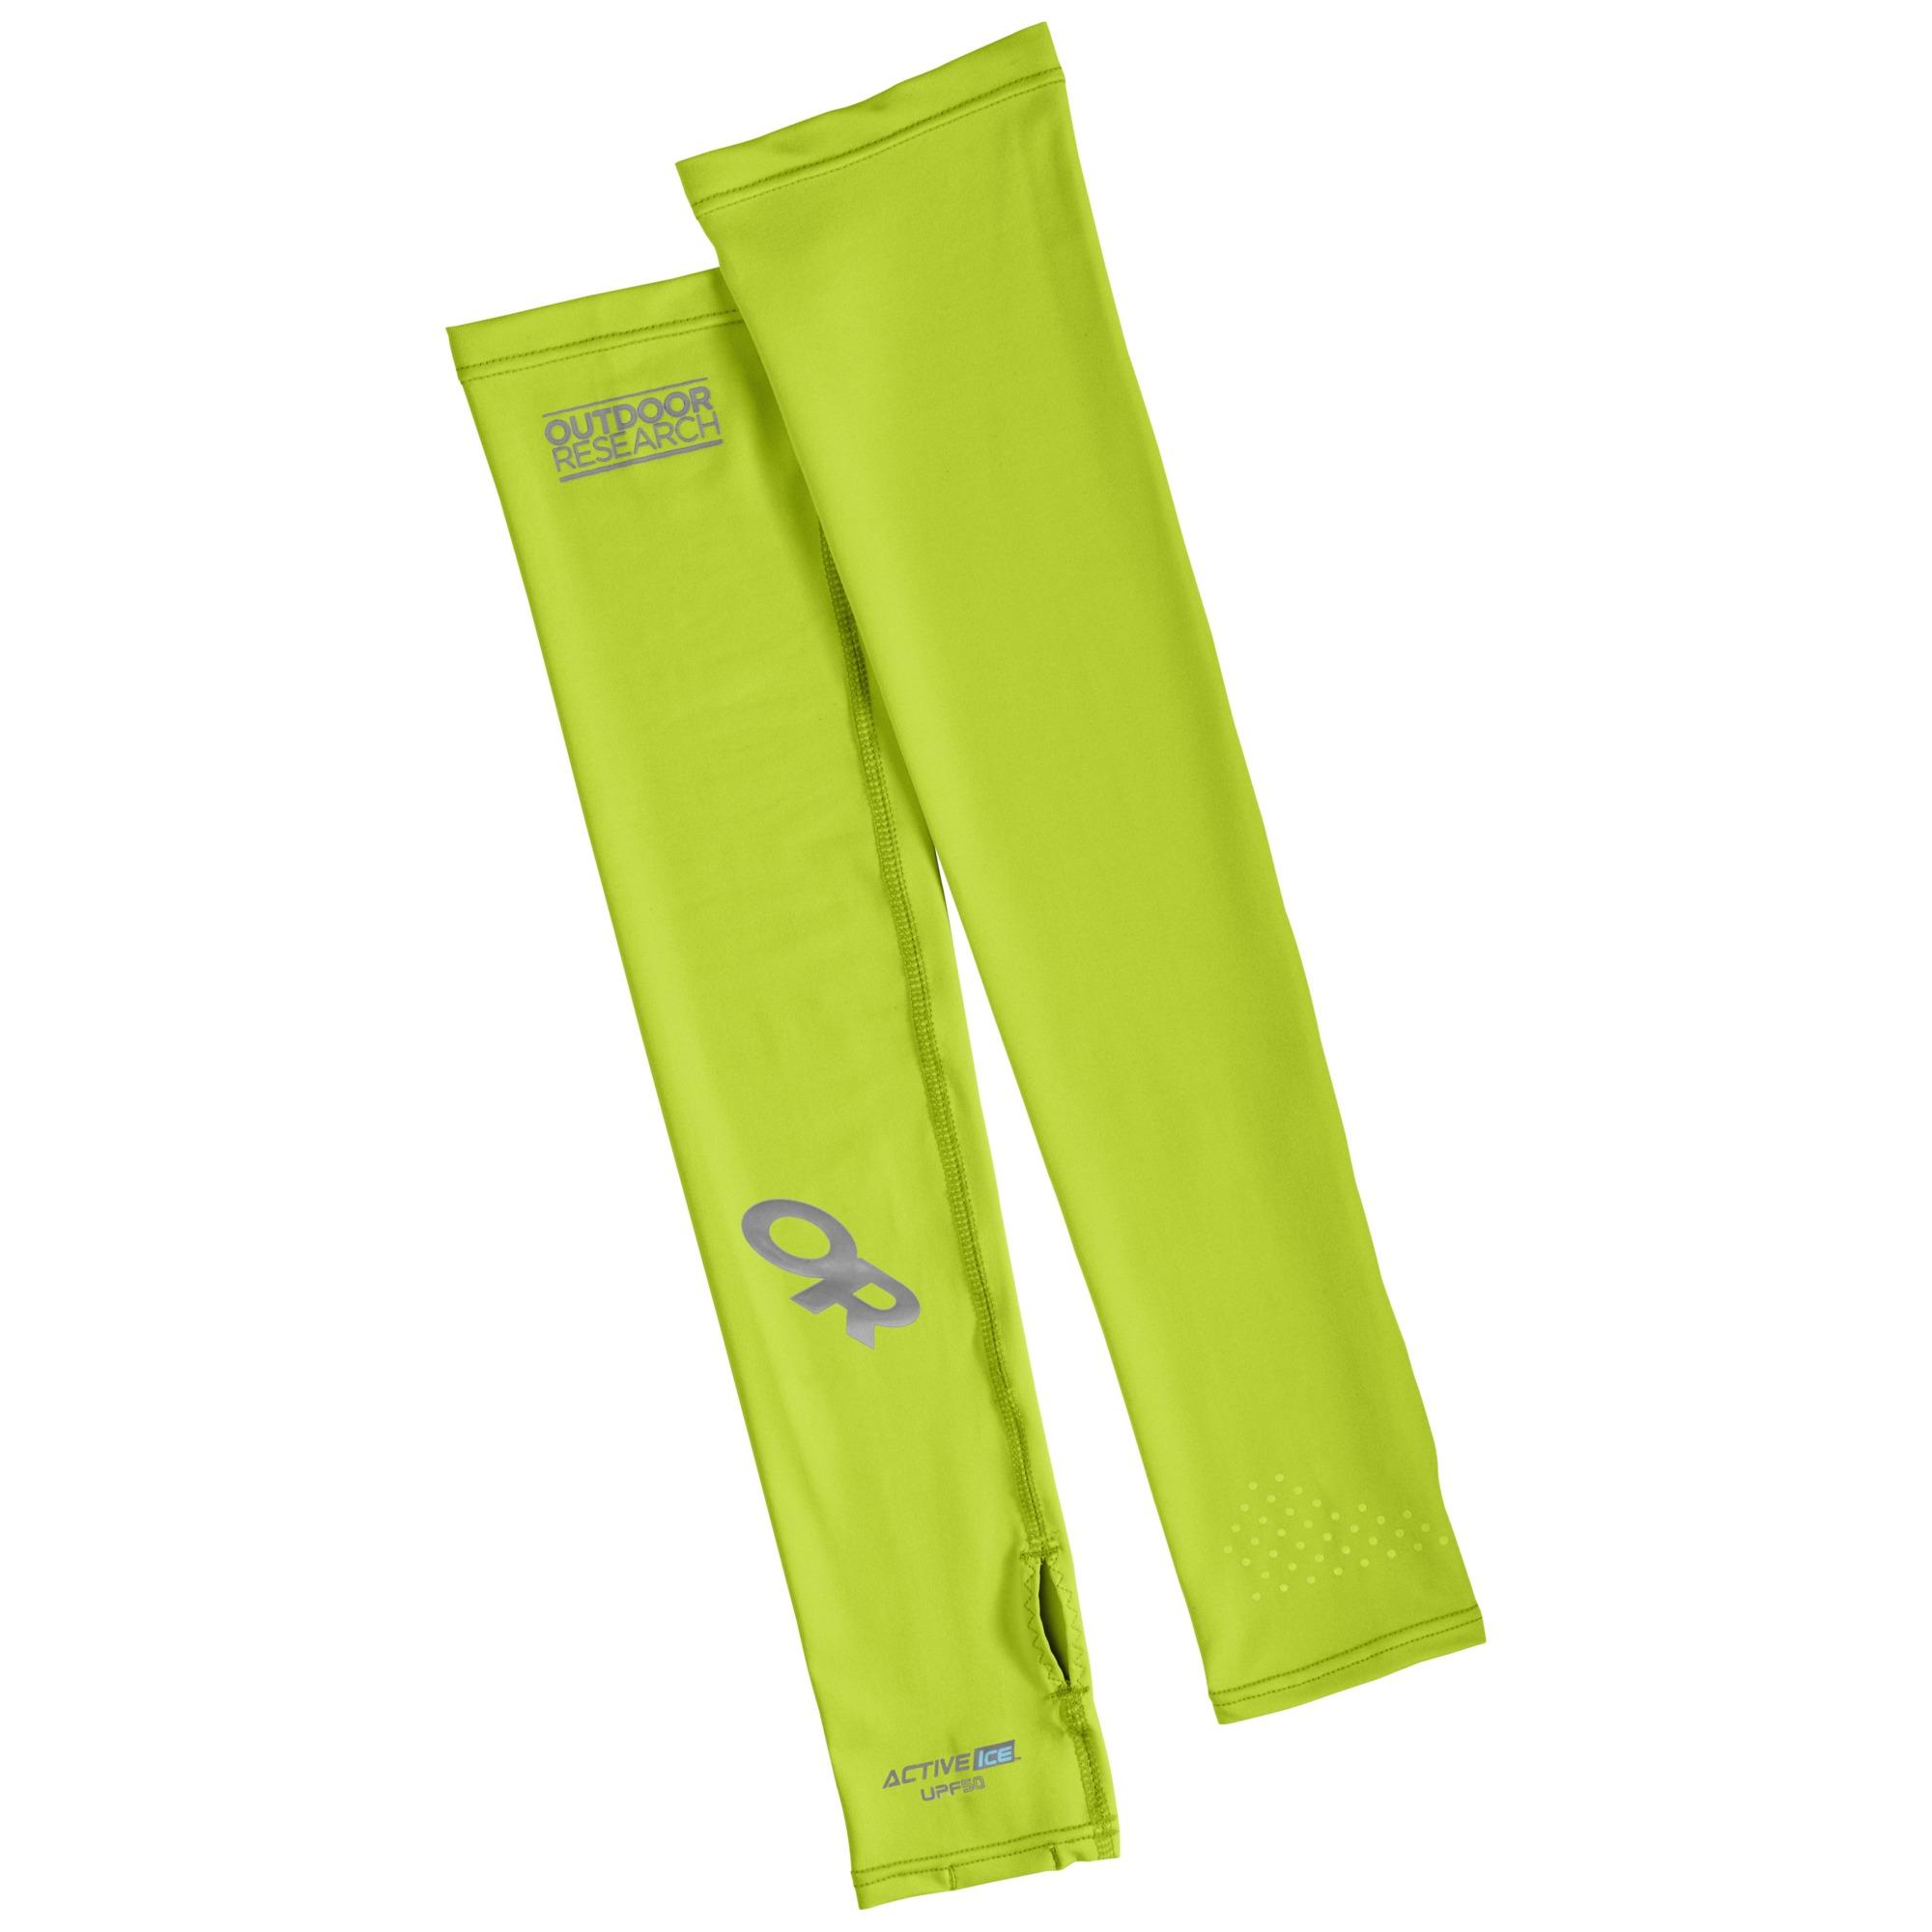 Outdoor Research ActiveIce Sun Sleeves-lemongrass-L/XL - Gr. L/XL